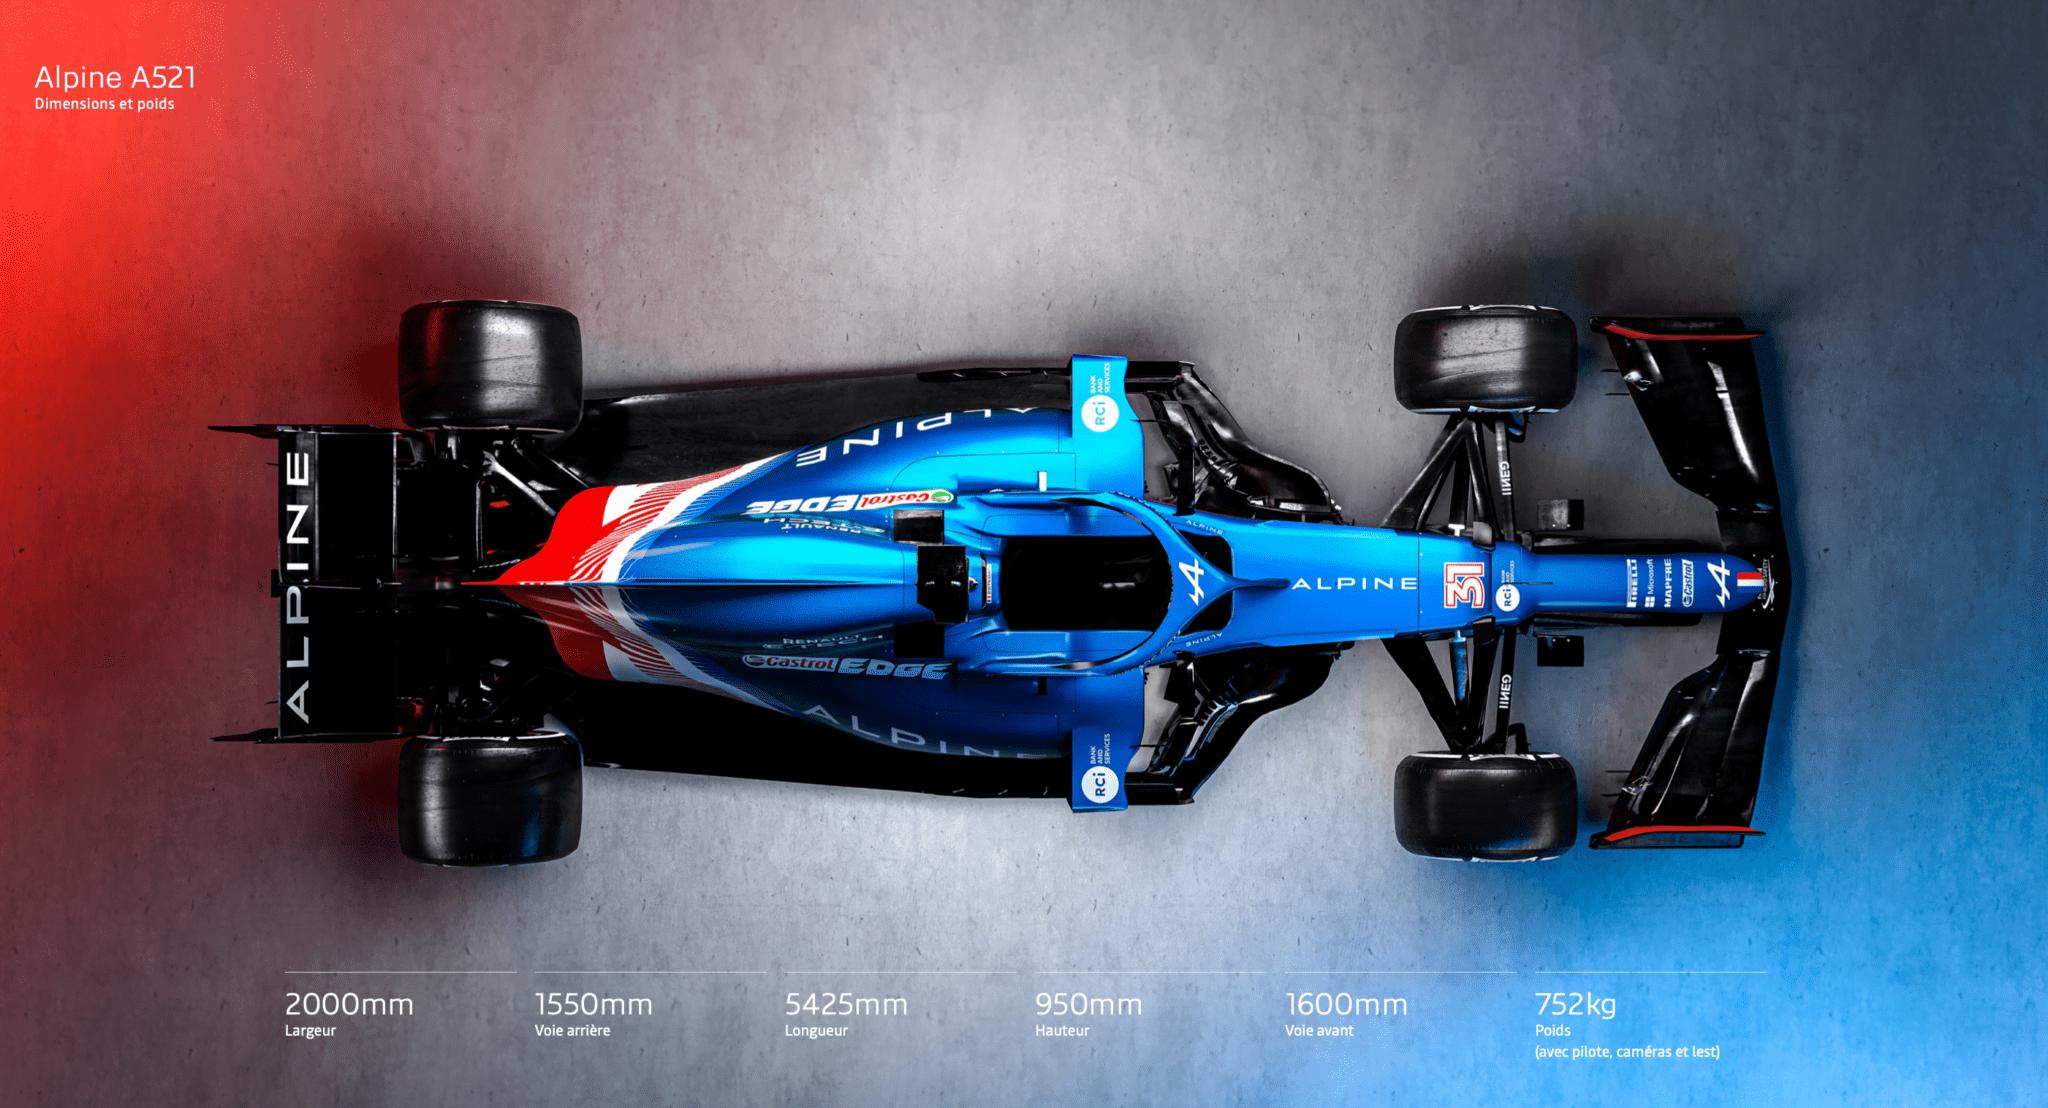 Alpine A521 Specifications generales 2 | Alpine F1 Team : Alonso et Ocon débutent les essais à Bahreïn